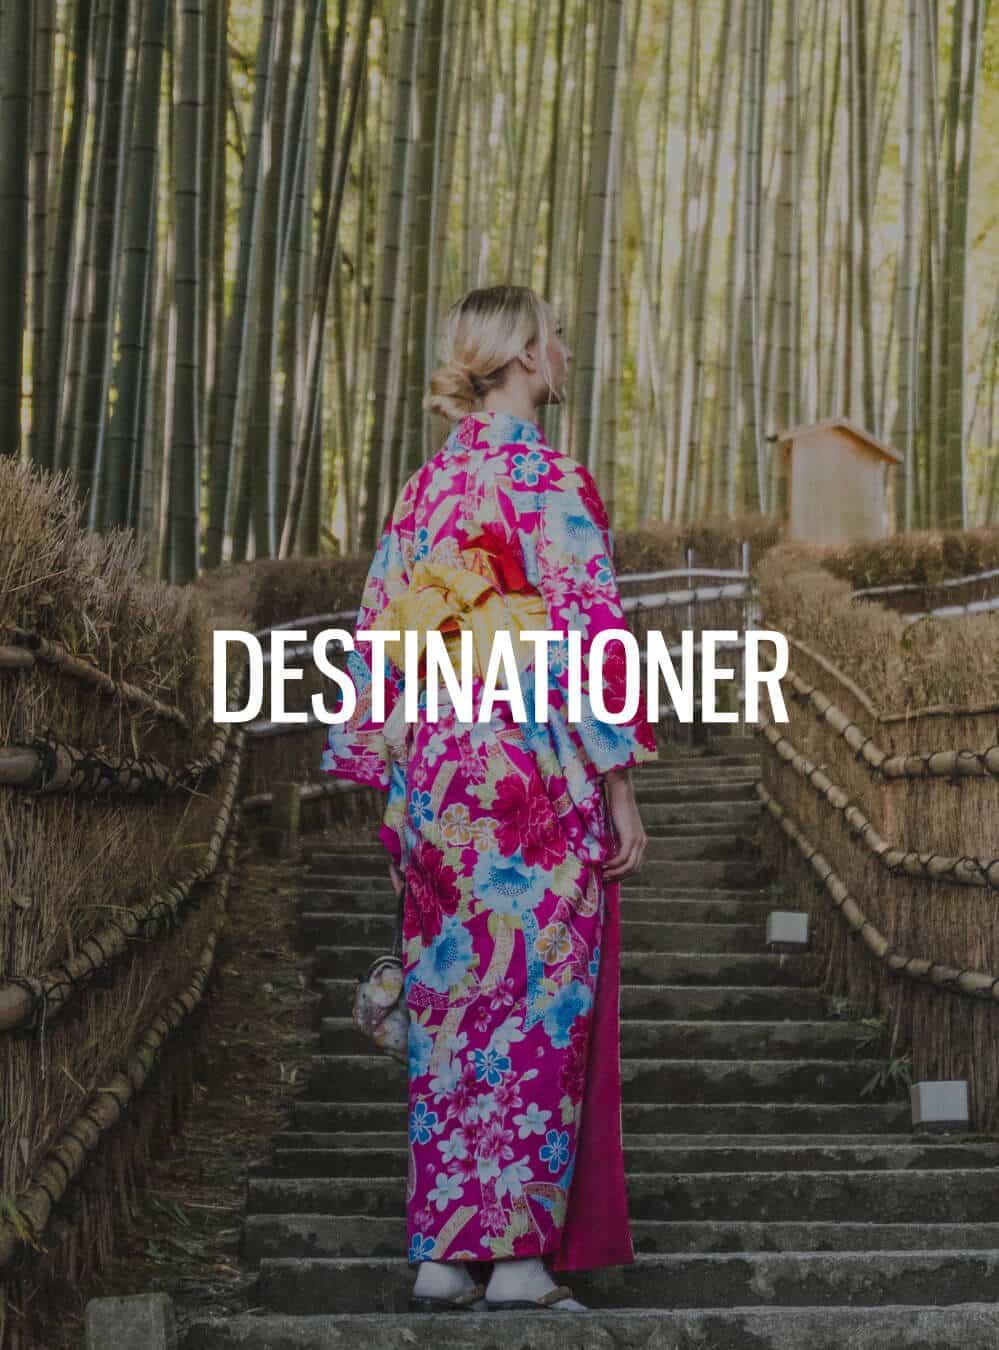 destinationer